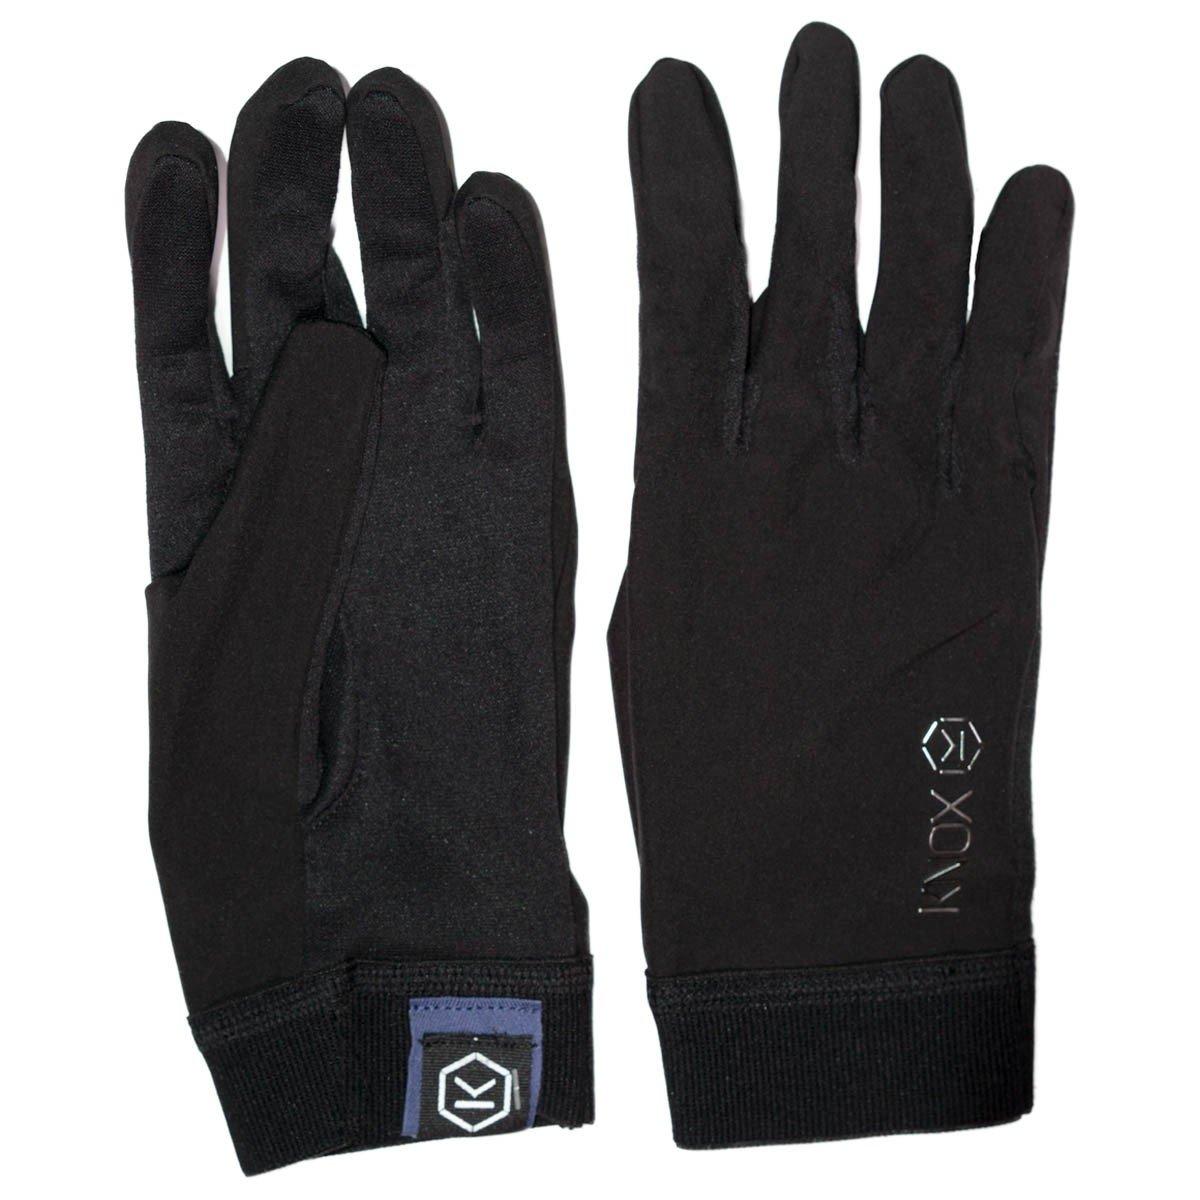 73a4238de4 Pánské rukavice Cold Killers Under Gloves Blue Collection S